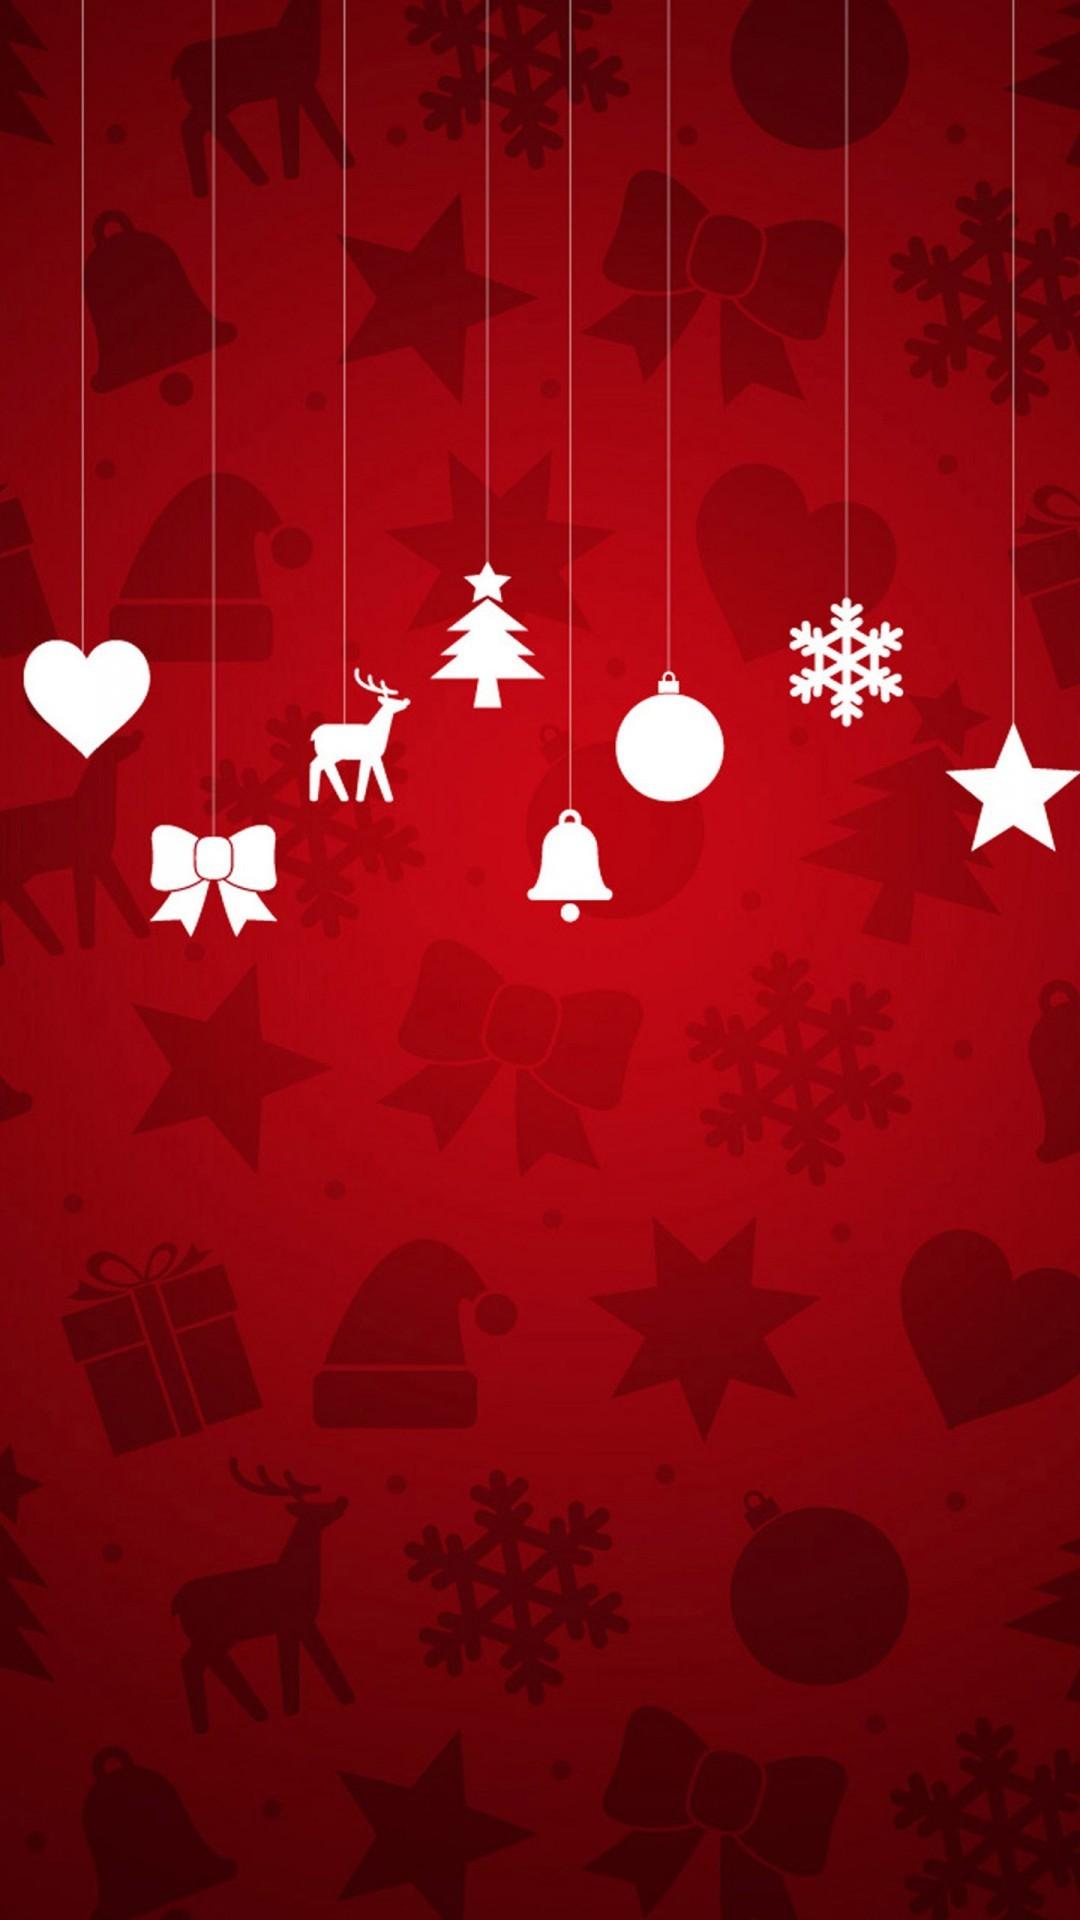 Christmas Hd Wallpaper For Android.Christmas Red Android Wallpaper Android Hd Wallpapers